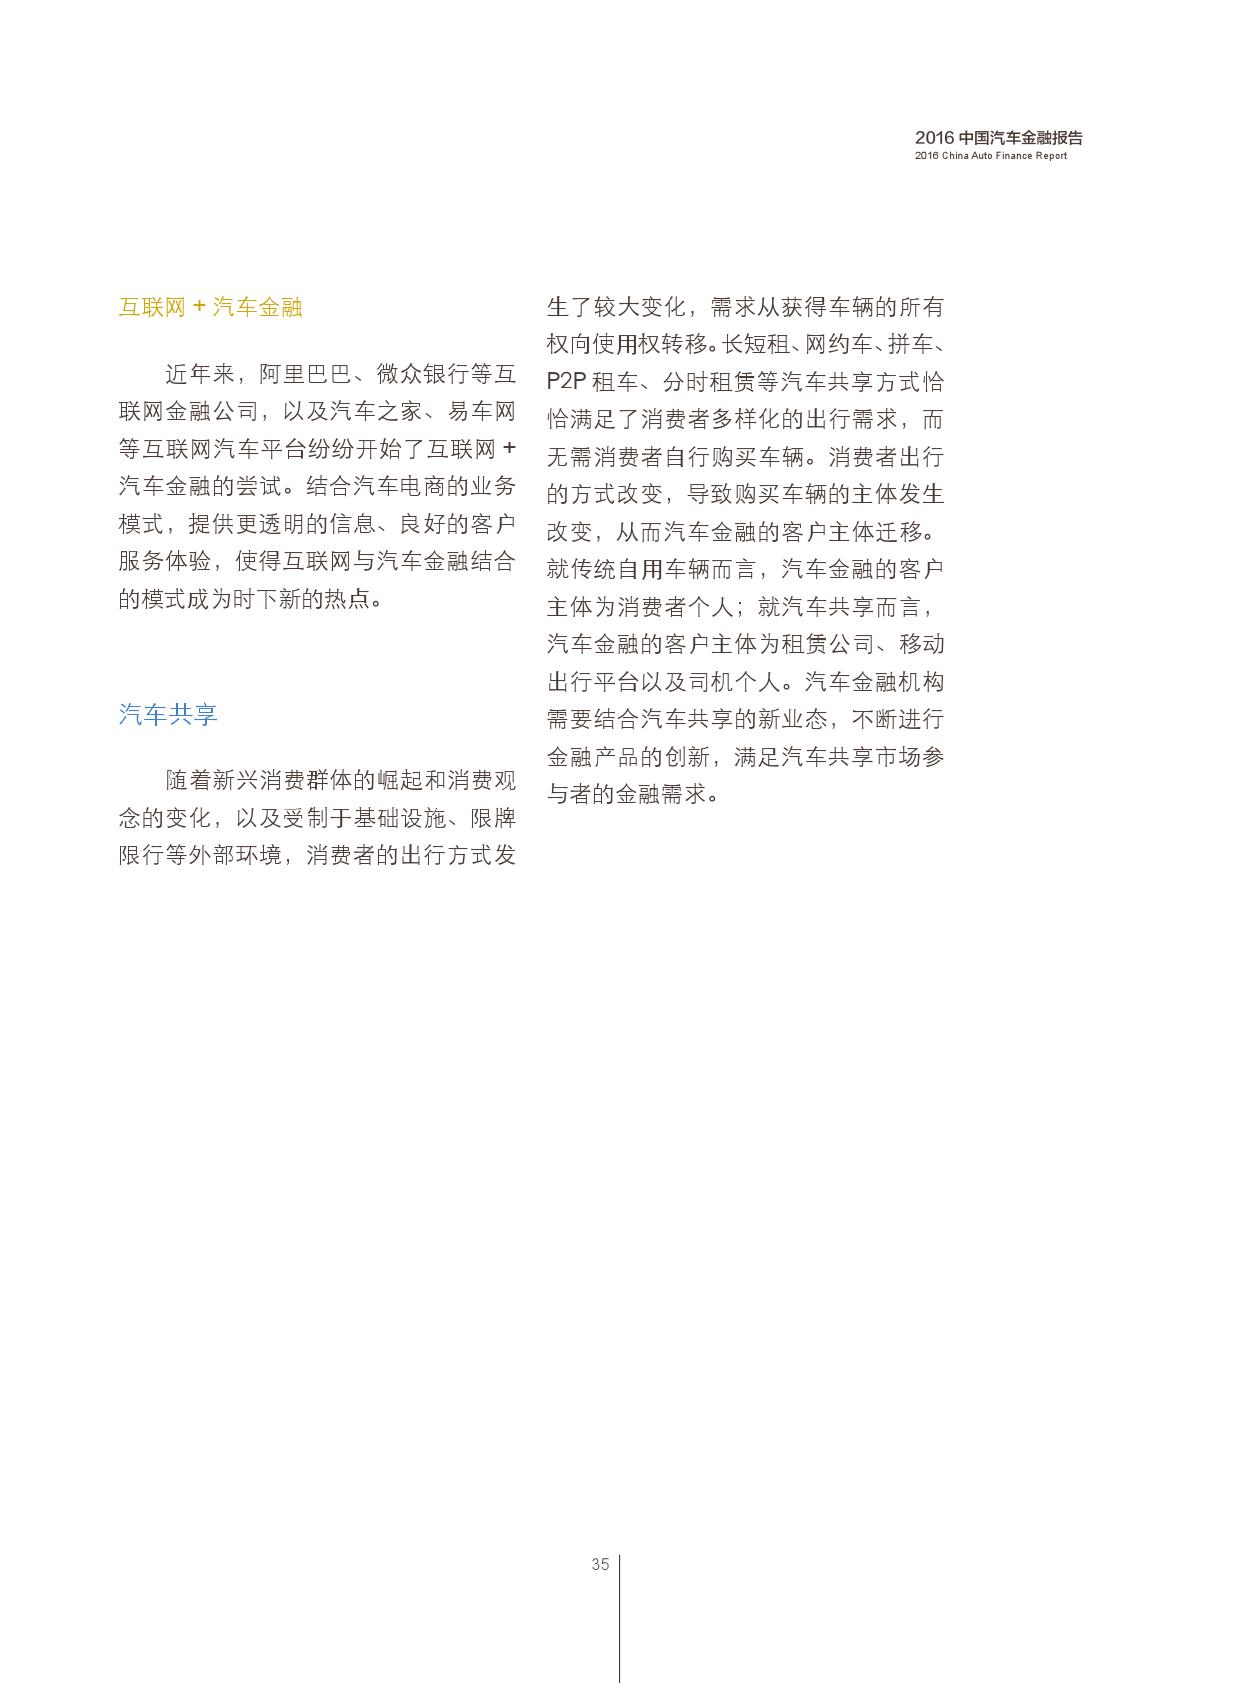 2016中国汽车金融报告_000036